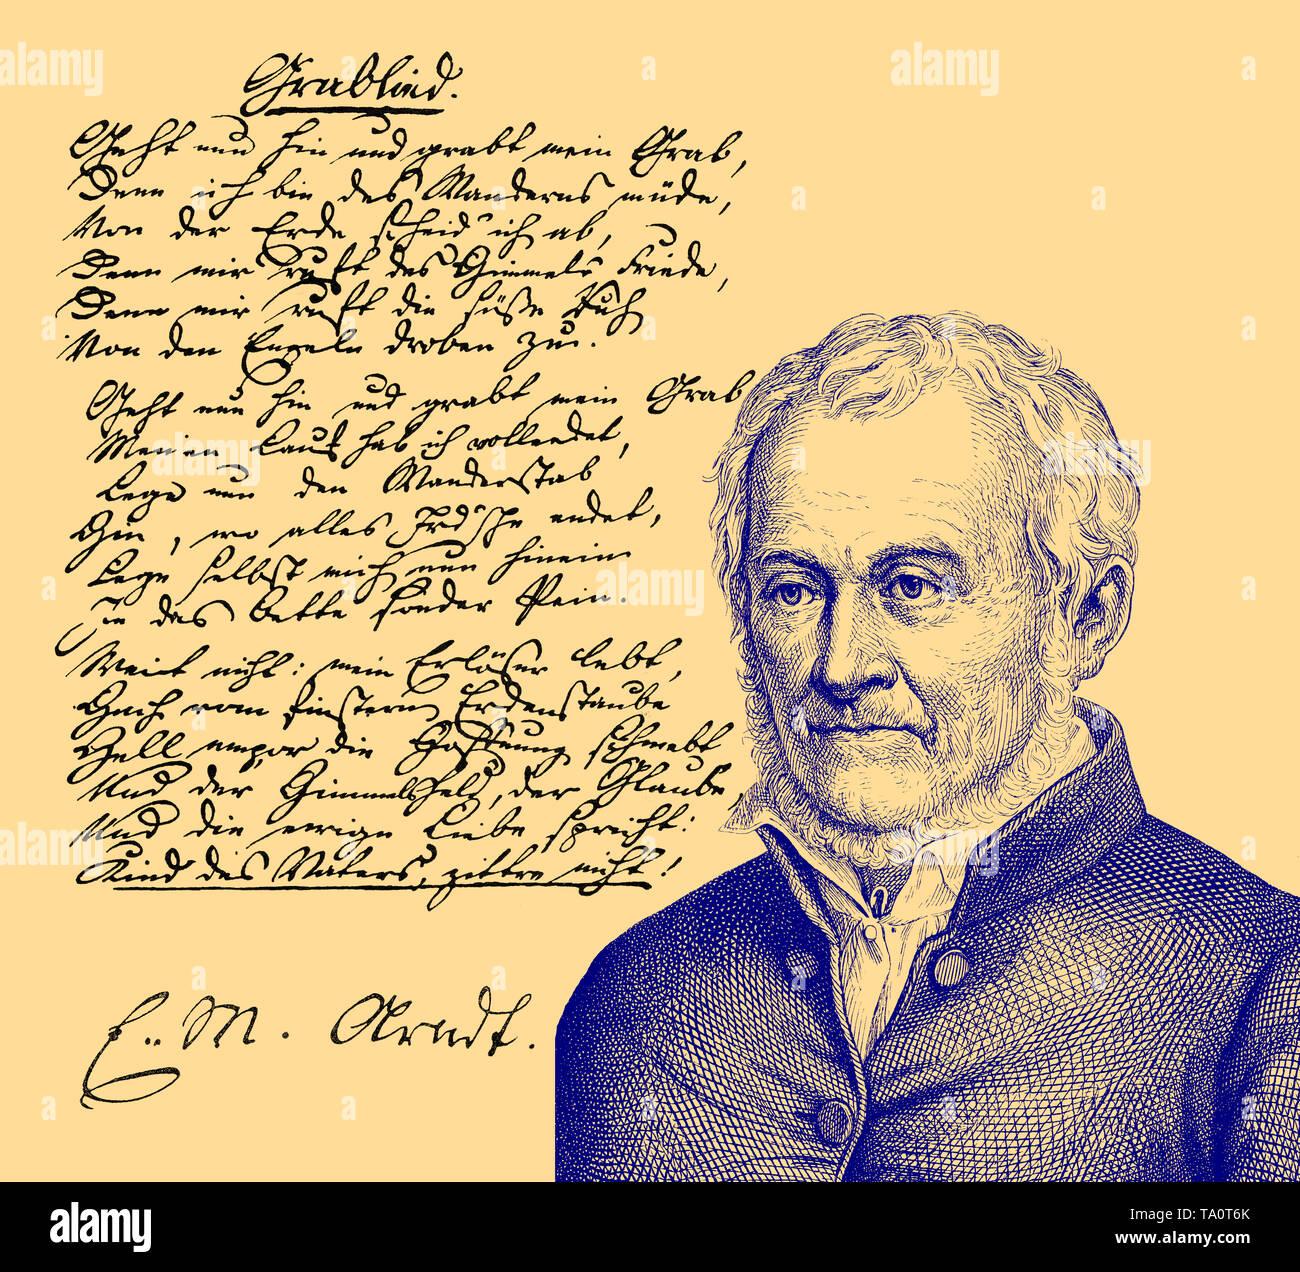 Ernst Moritz Arndt, 1769 - 1860, a German writer and deputy of the National Assembly in Frankfurt, Ernst Moritz Arndt, 1769 - 1860, ein deutscher Schr - Stock Image